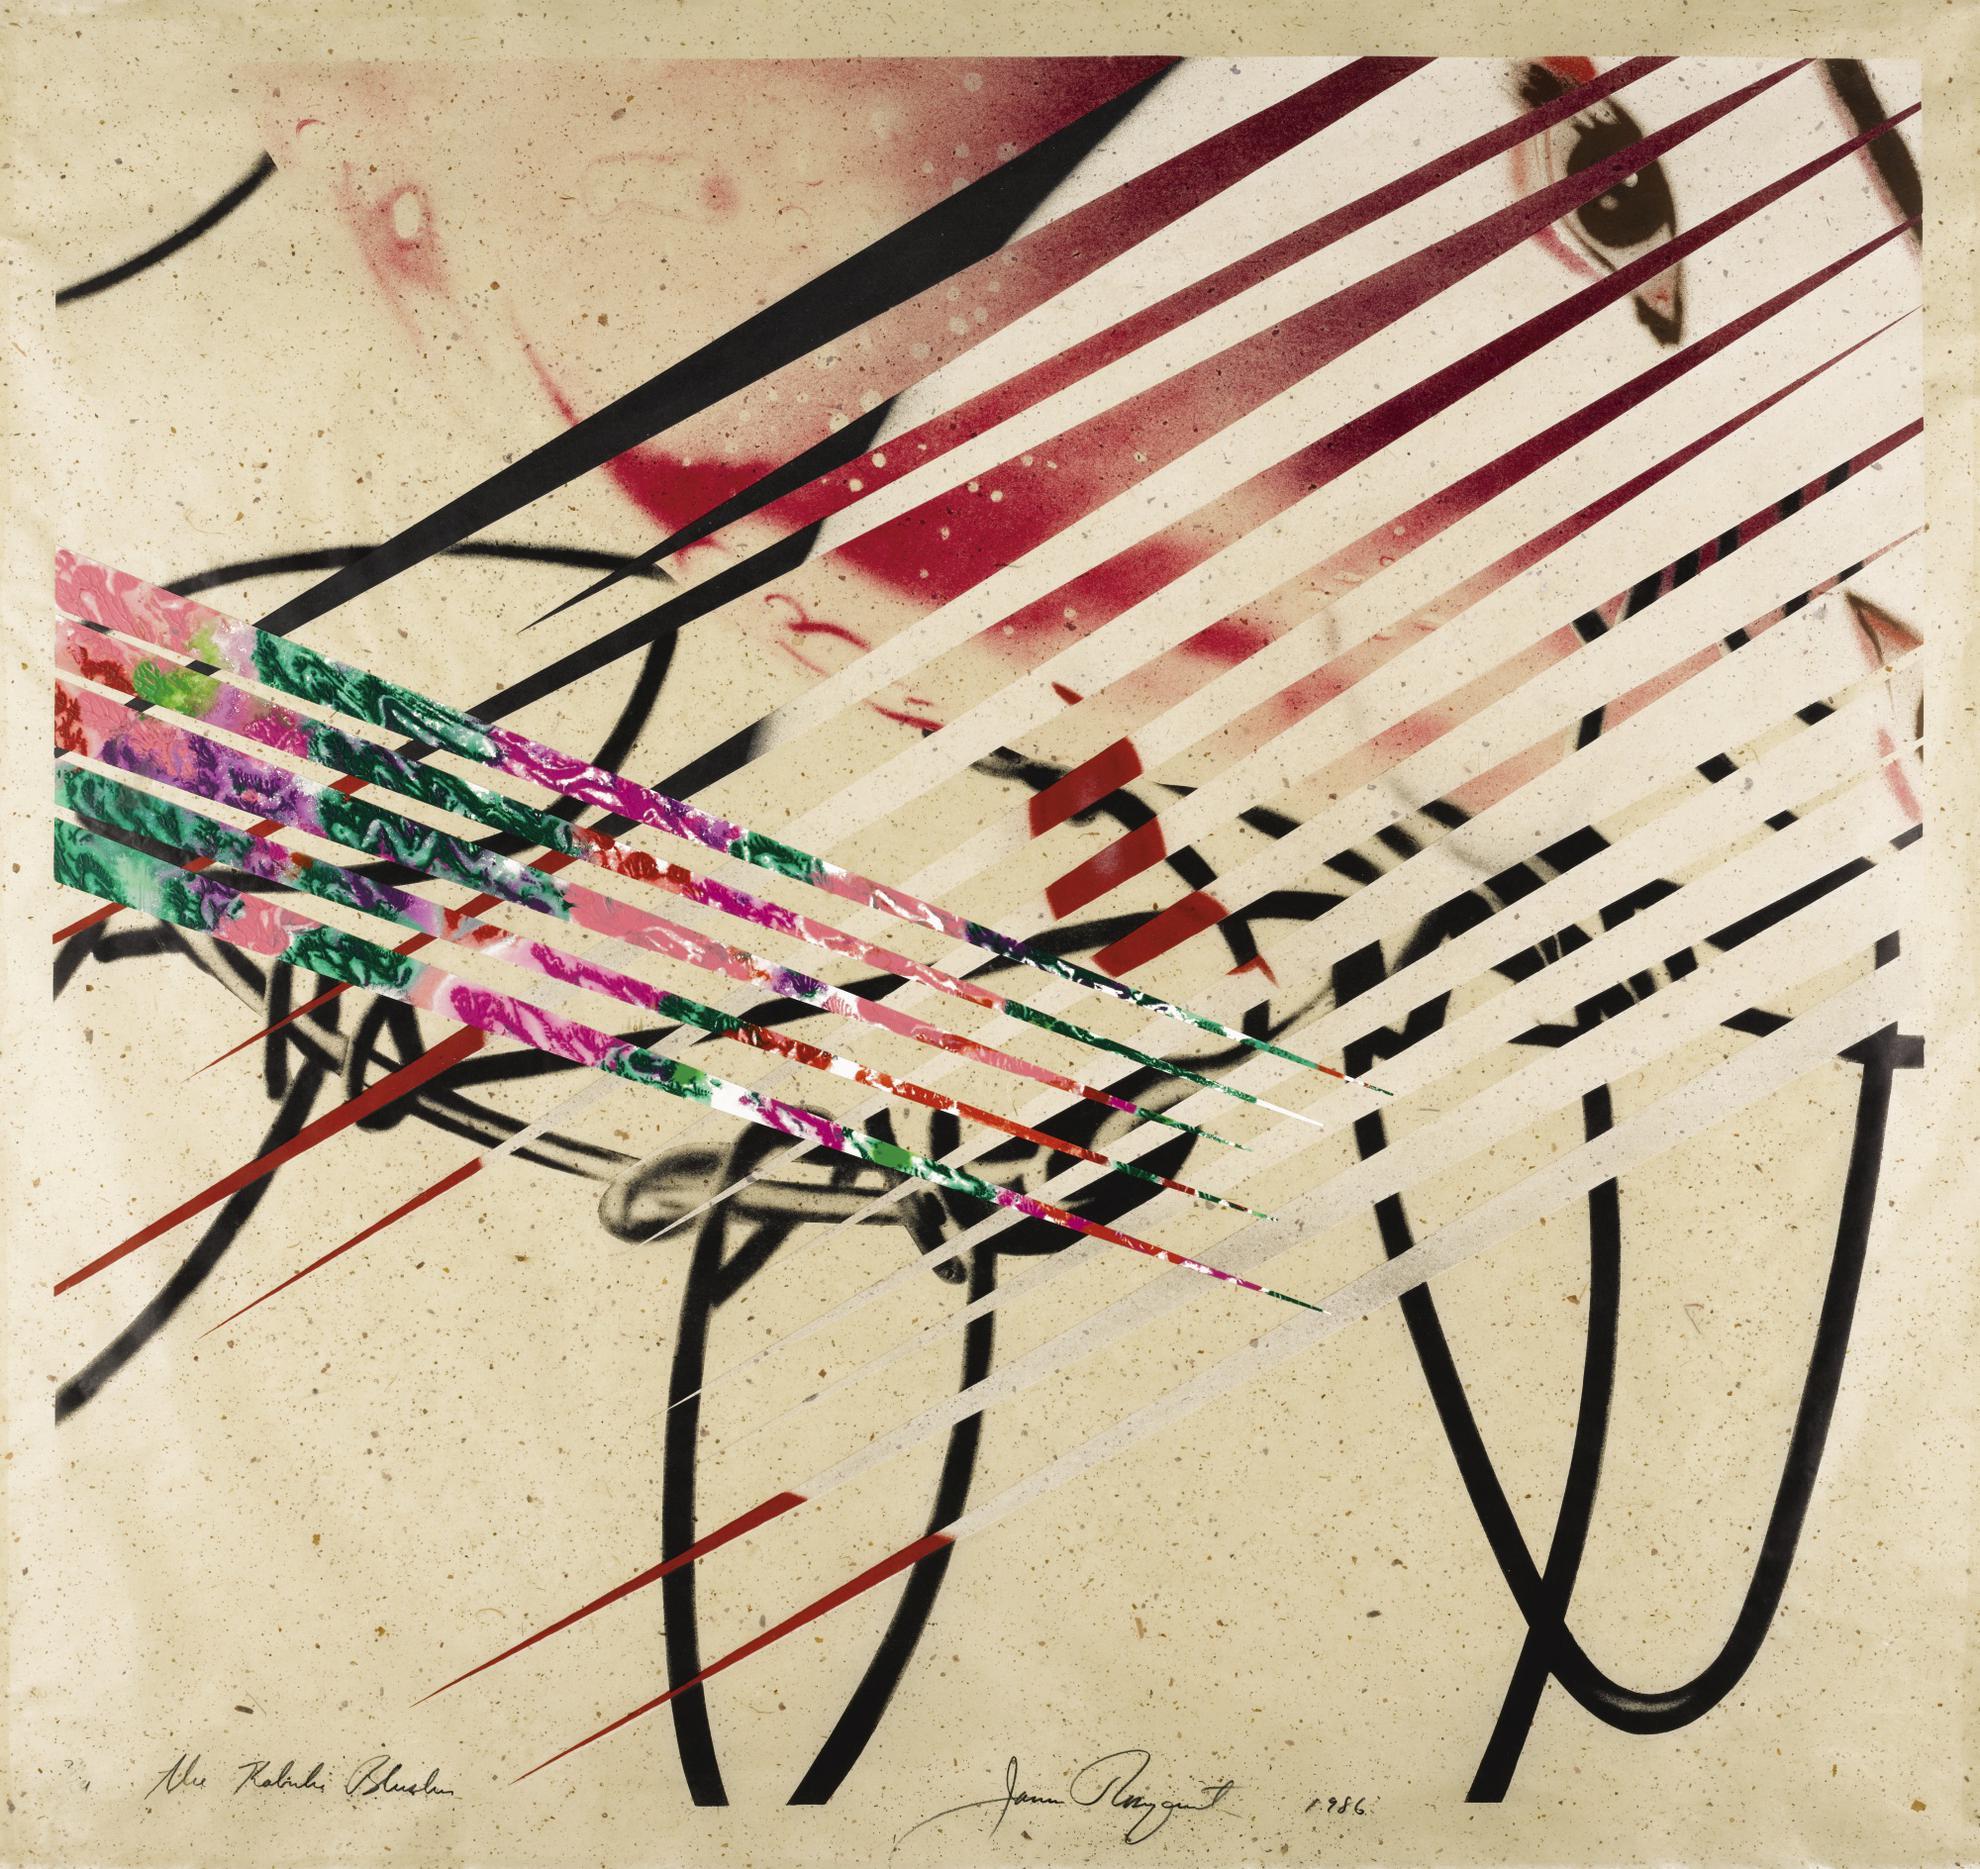 James Rosenquist-The Kabuki Blushes (G. 206)-1986